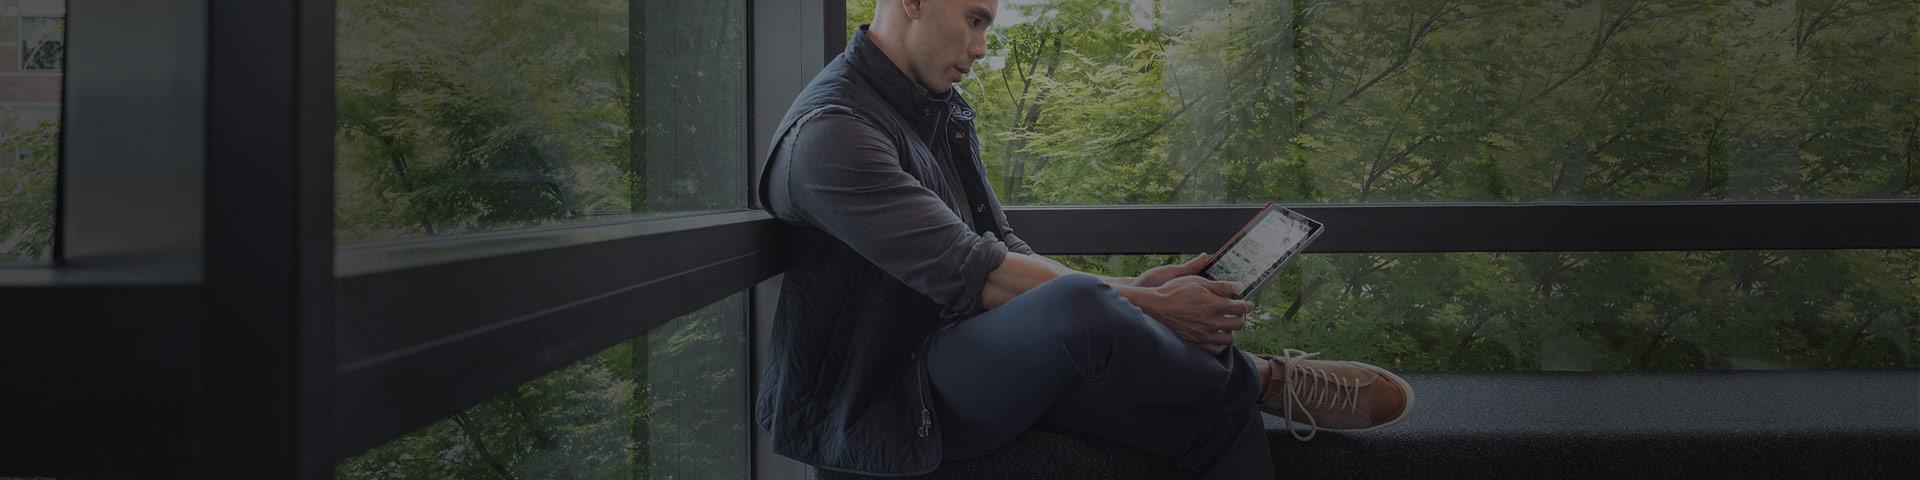 Ein Mann sitzt auf einer Bank und betrachtet ein Gerät in seinen Händen